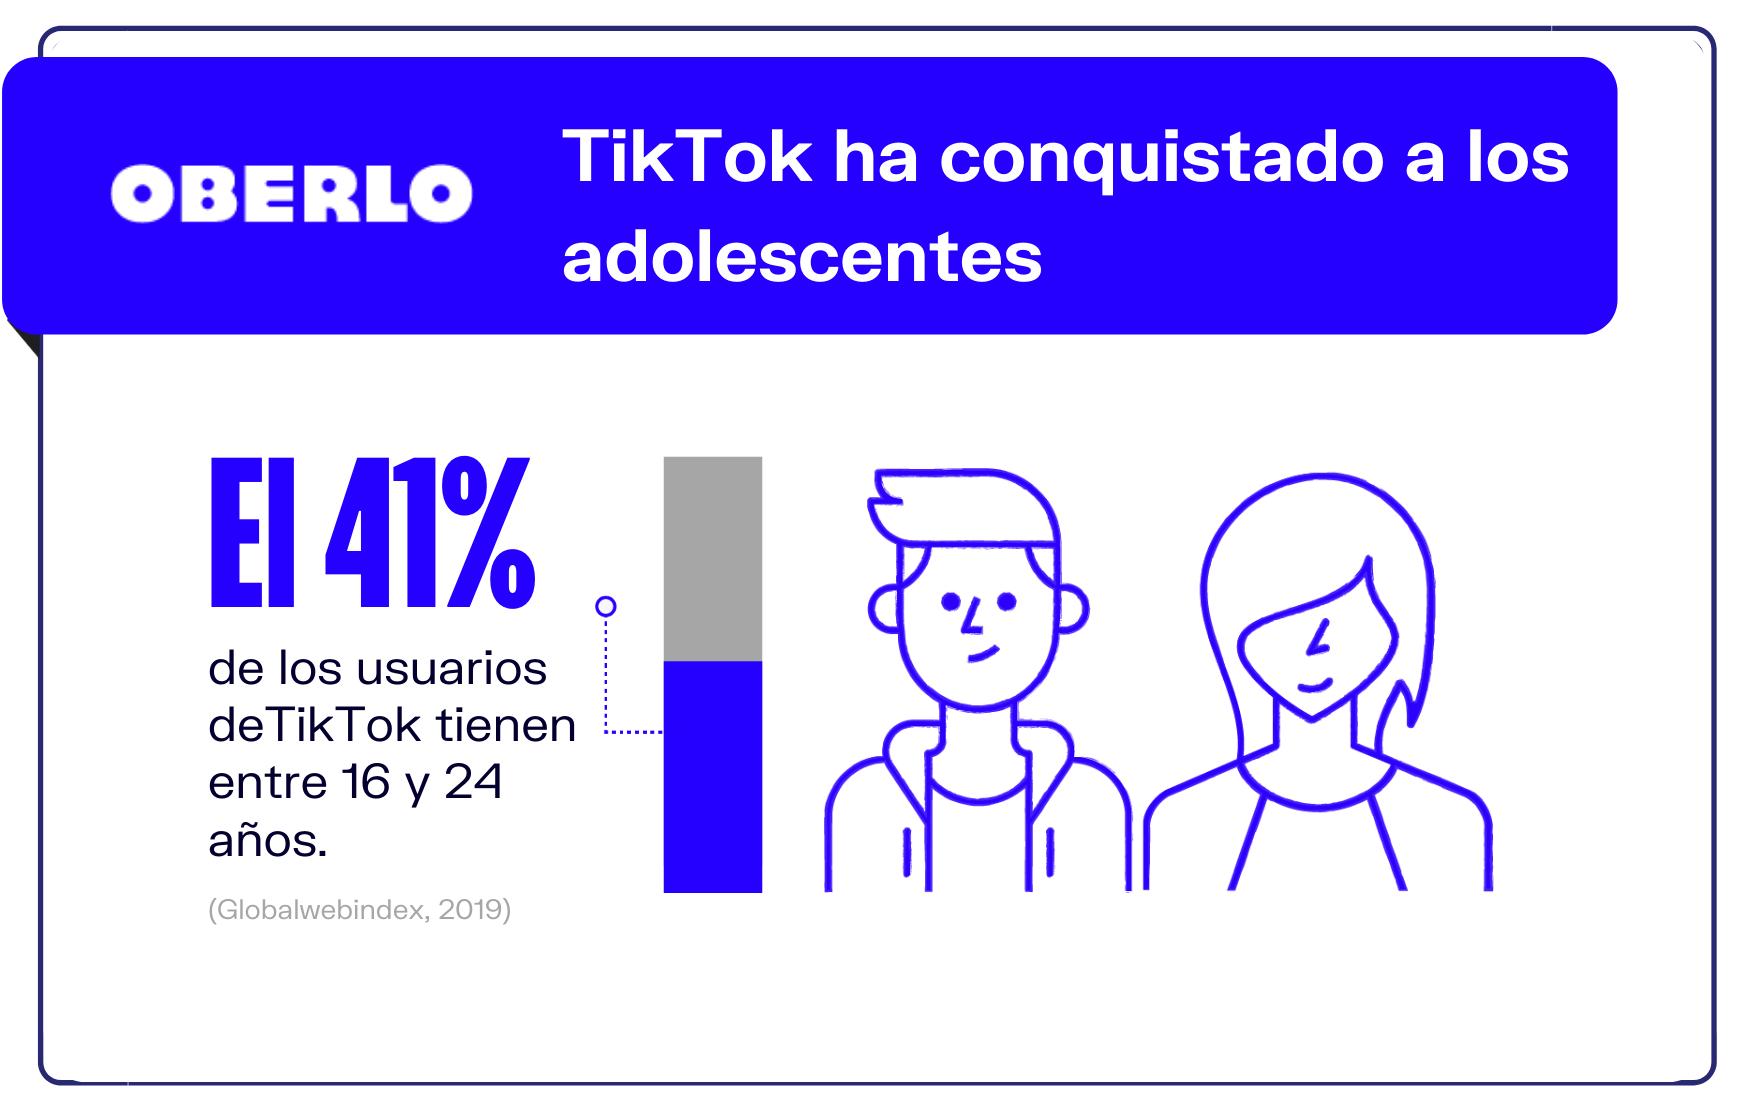 4-TikTok-es-un-exito-entre-adolescentes